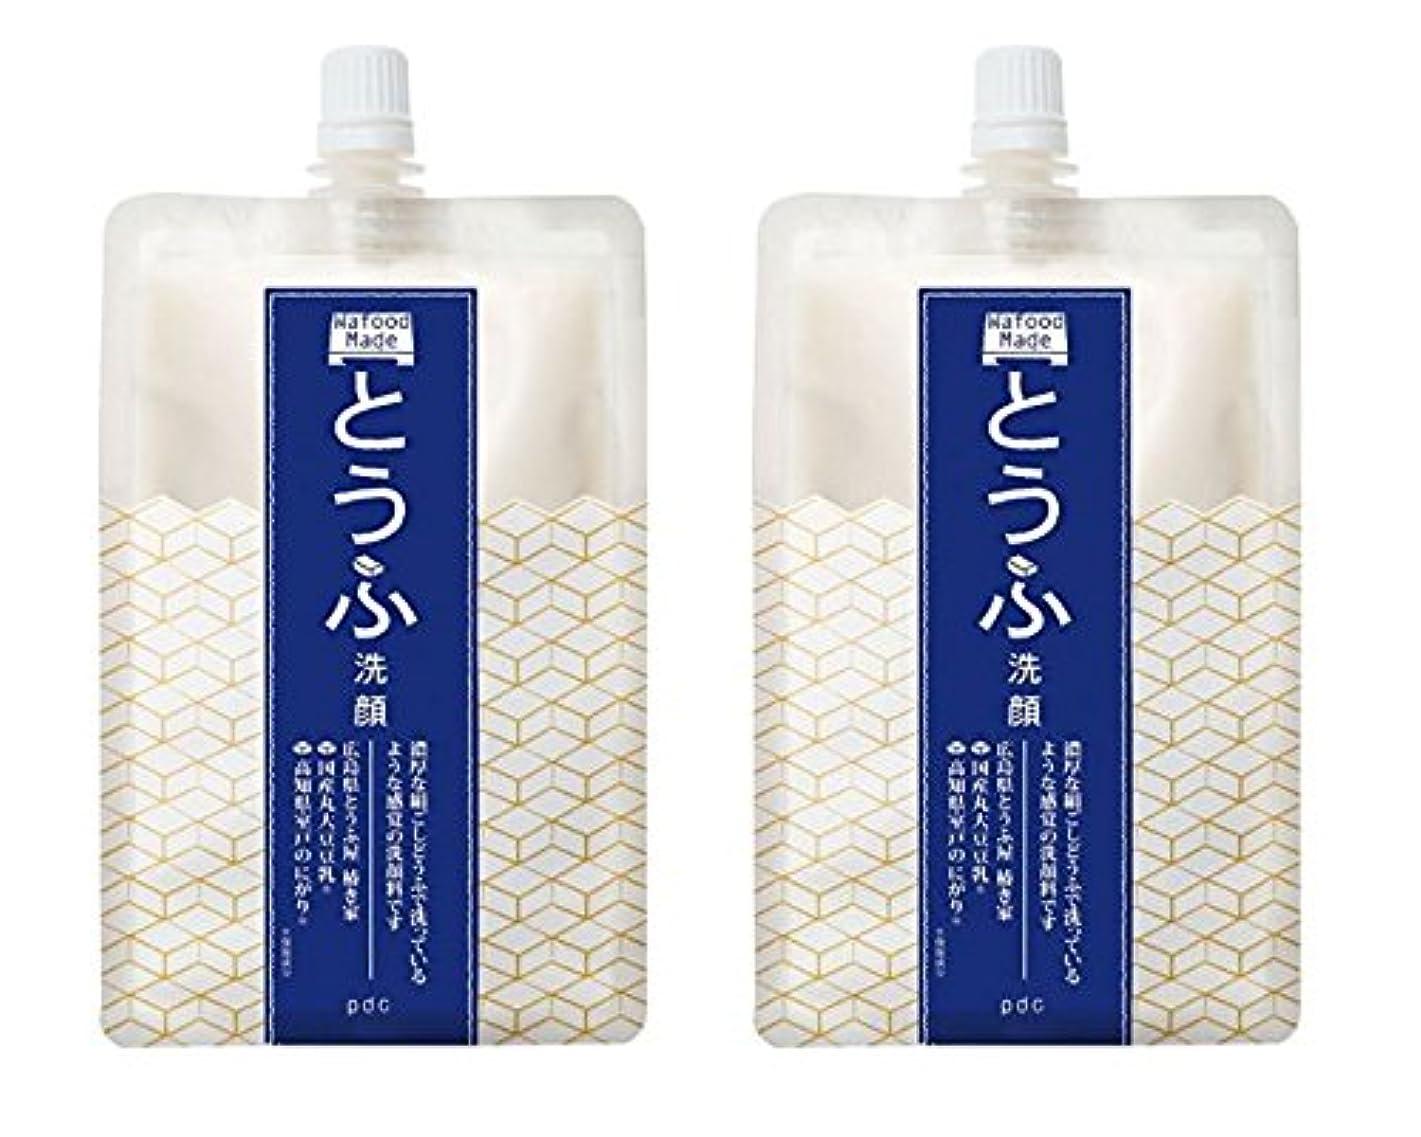 軽慢性的半球【2個セット】ワフードメイド とうふ洗顔 170g×2個